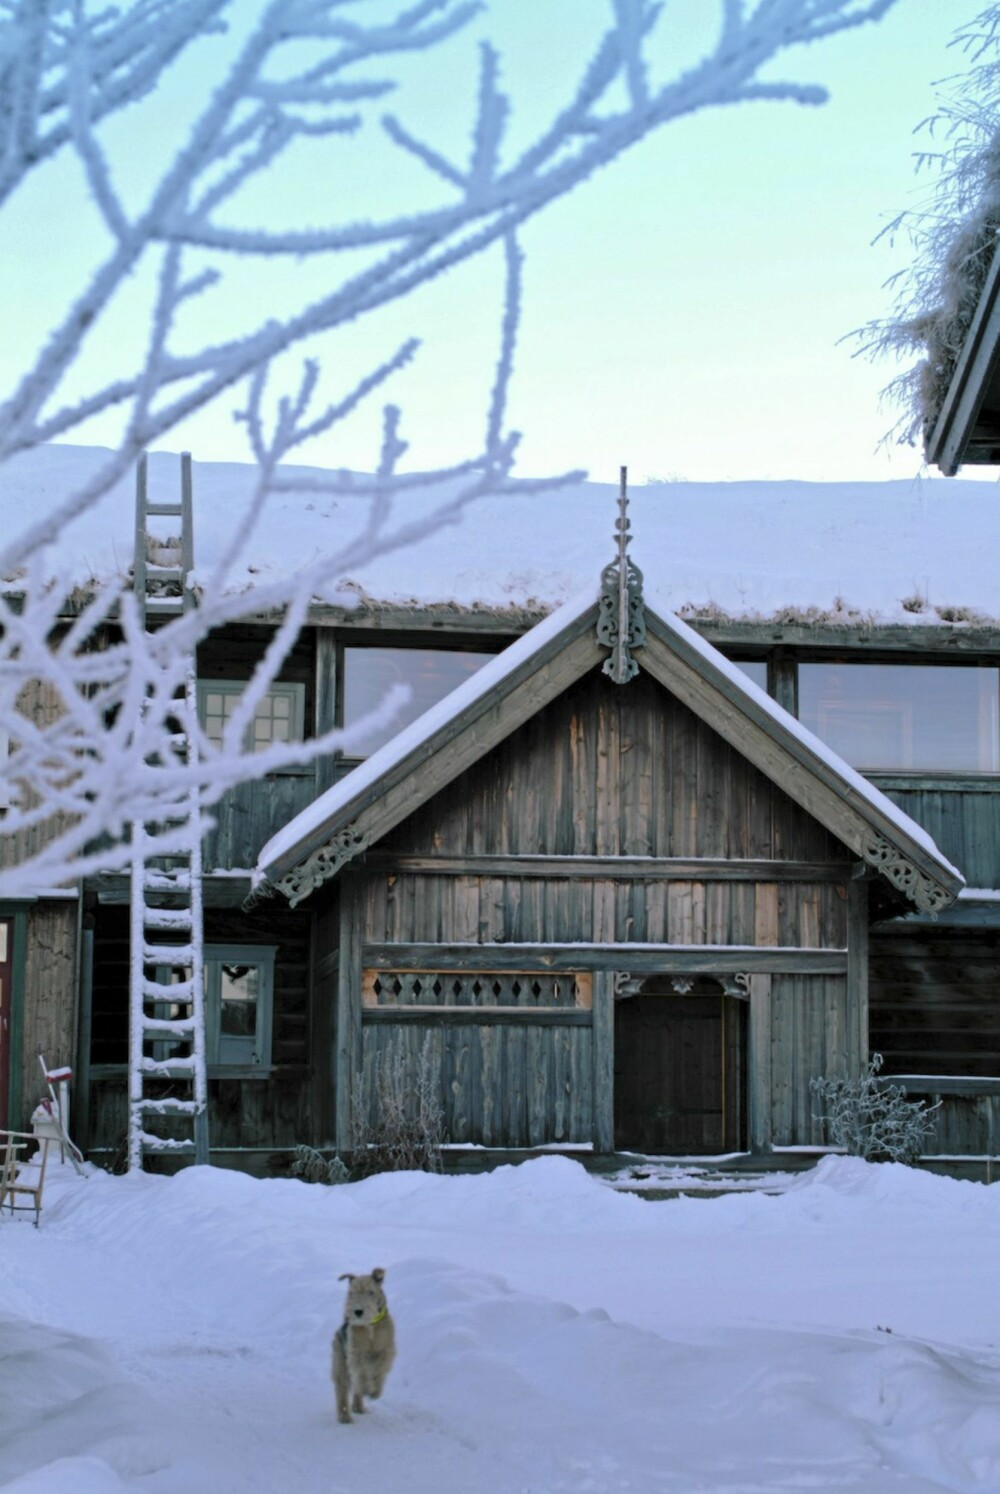 FØRSTEKLASSES DEKOR: Det antas at treskjærerenJakup Sæterdal lagde både framskapet i stuen, svalgangen, mønespiret og vindskiene på Kleppe Nordigard. Noen av dette er idag kopier av originalene.